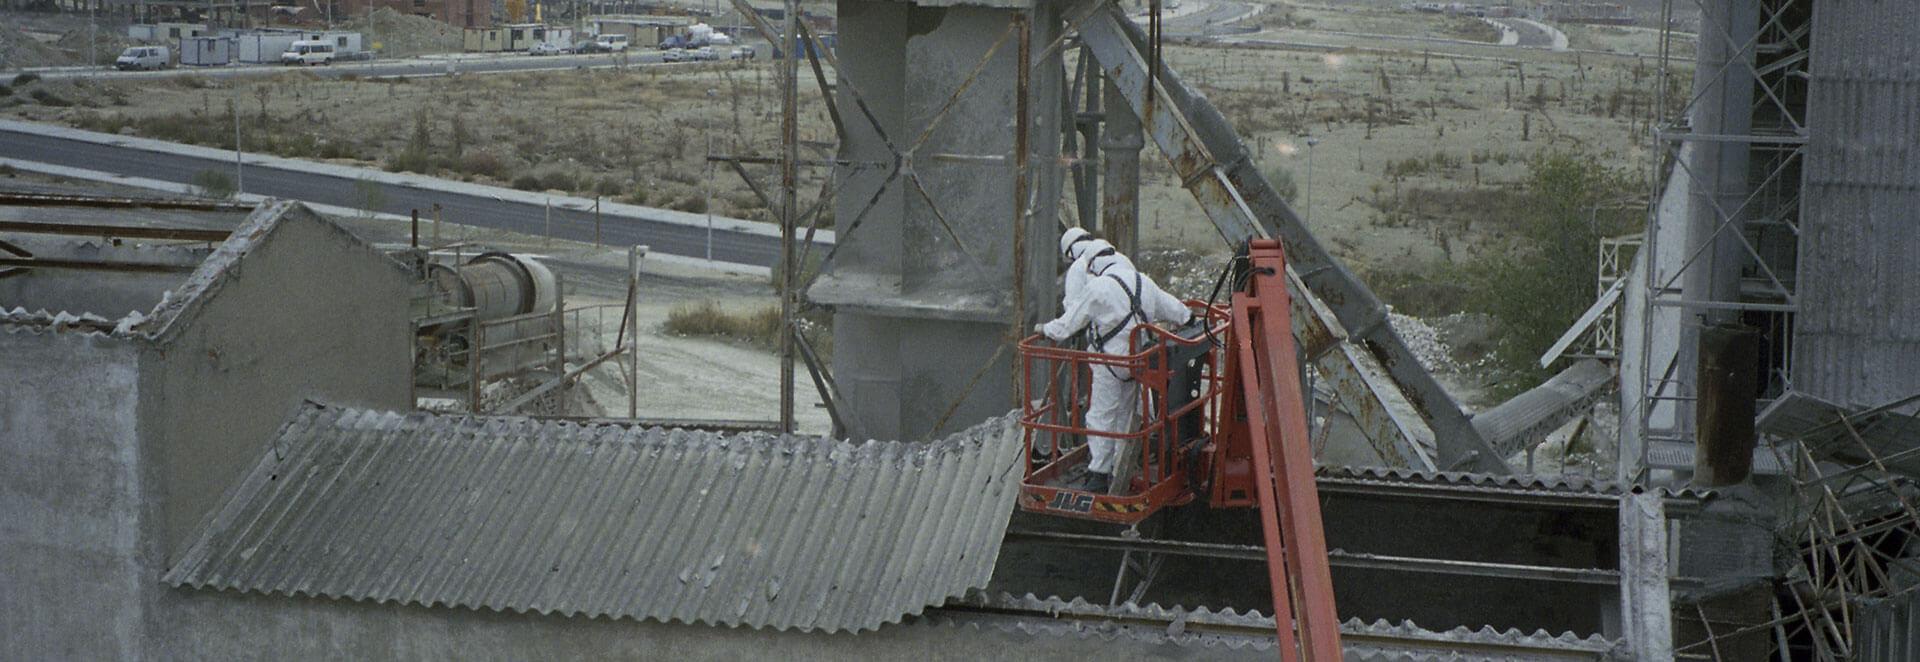 Desmontaje de uralita desmontaje de fibrocemento en fábrica de Escayolas Marín